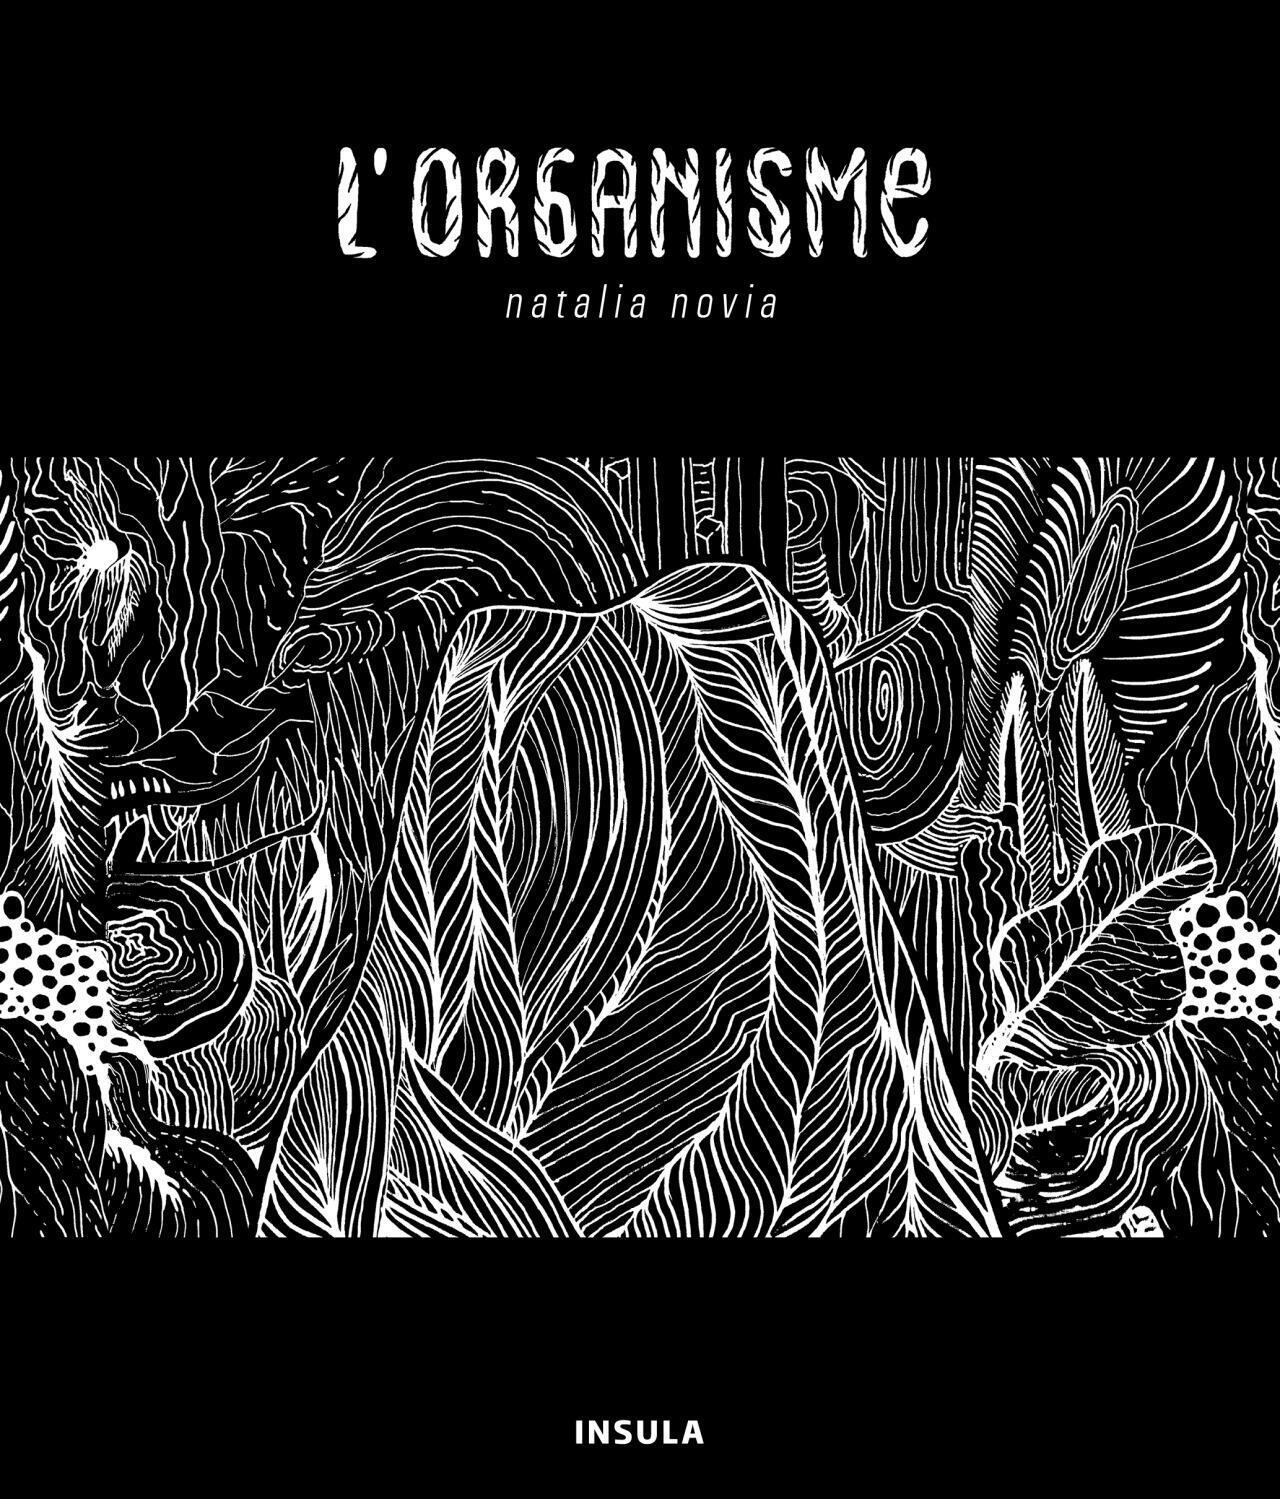 """""""El organismo"""" de Natalia Novia fue publicado por las ediciones Insula."""